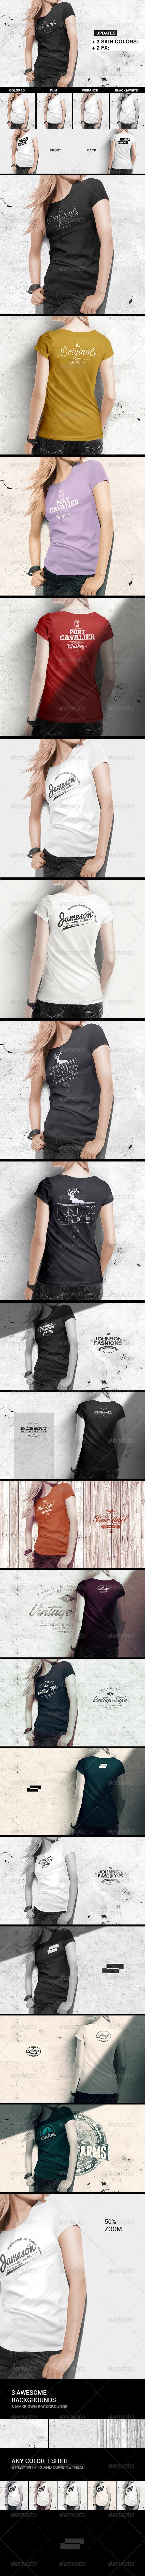 Women T-Shirt Mock-Up